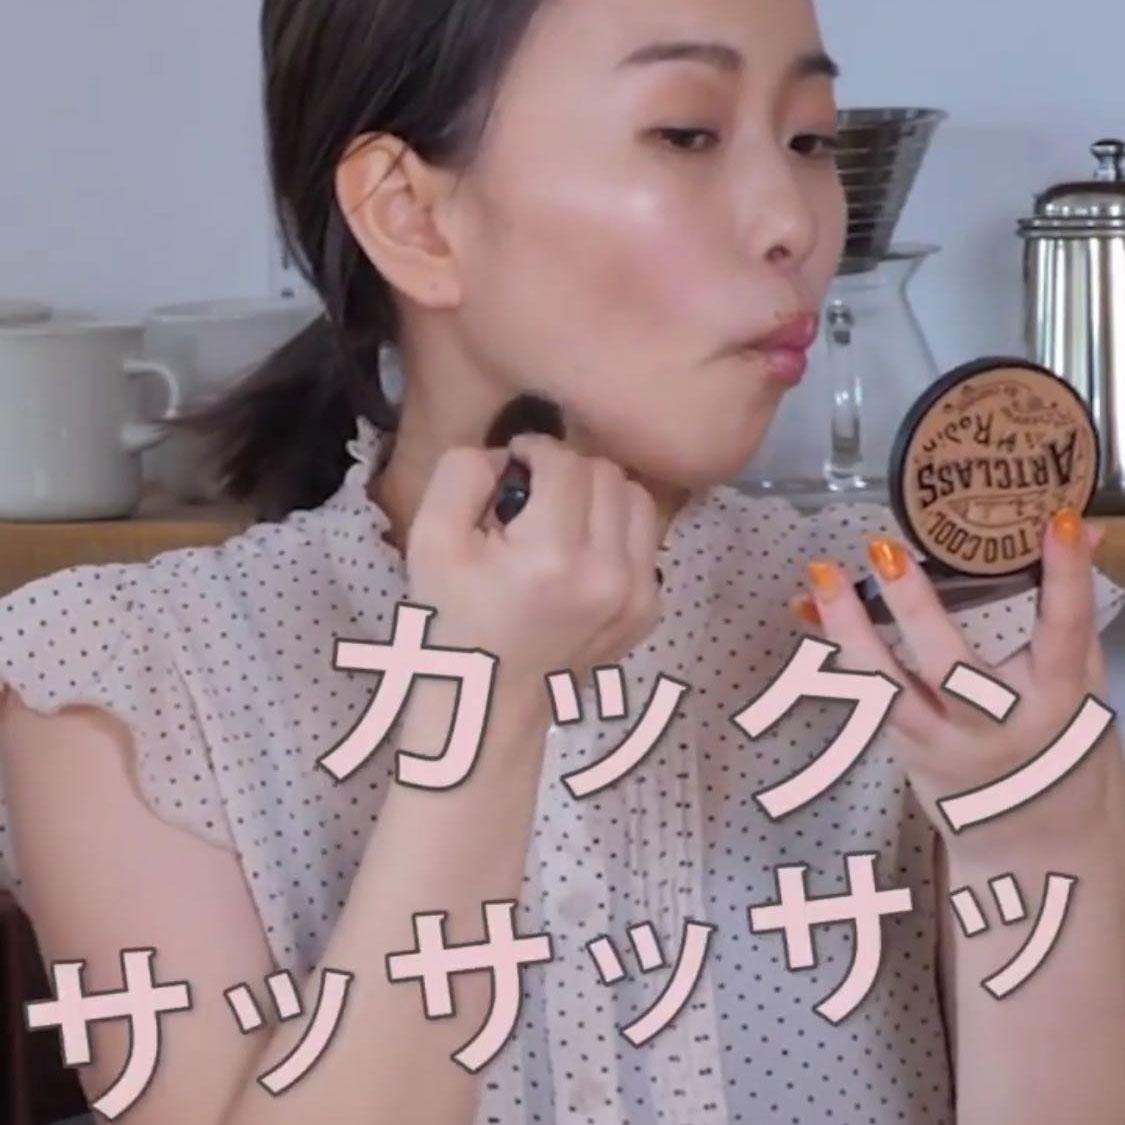 ヘア&メイクアップアーティスト長井かおりさん直伝! の画像